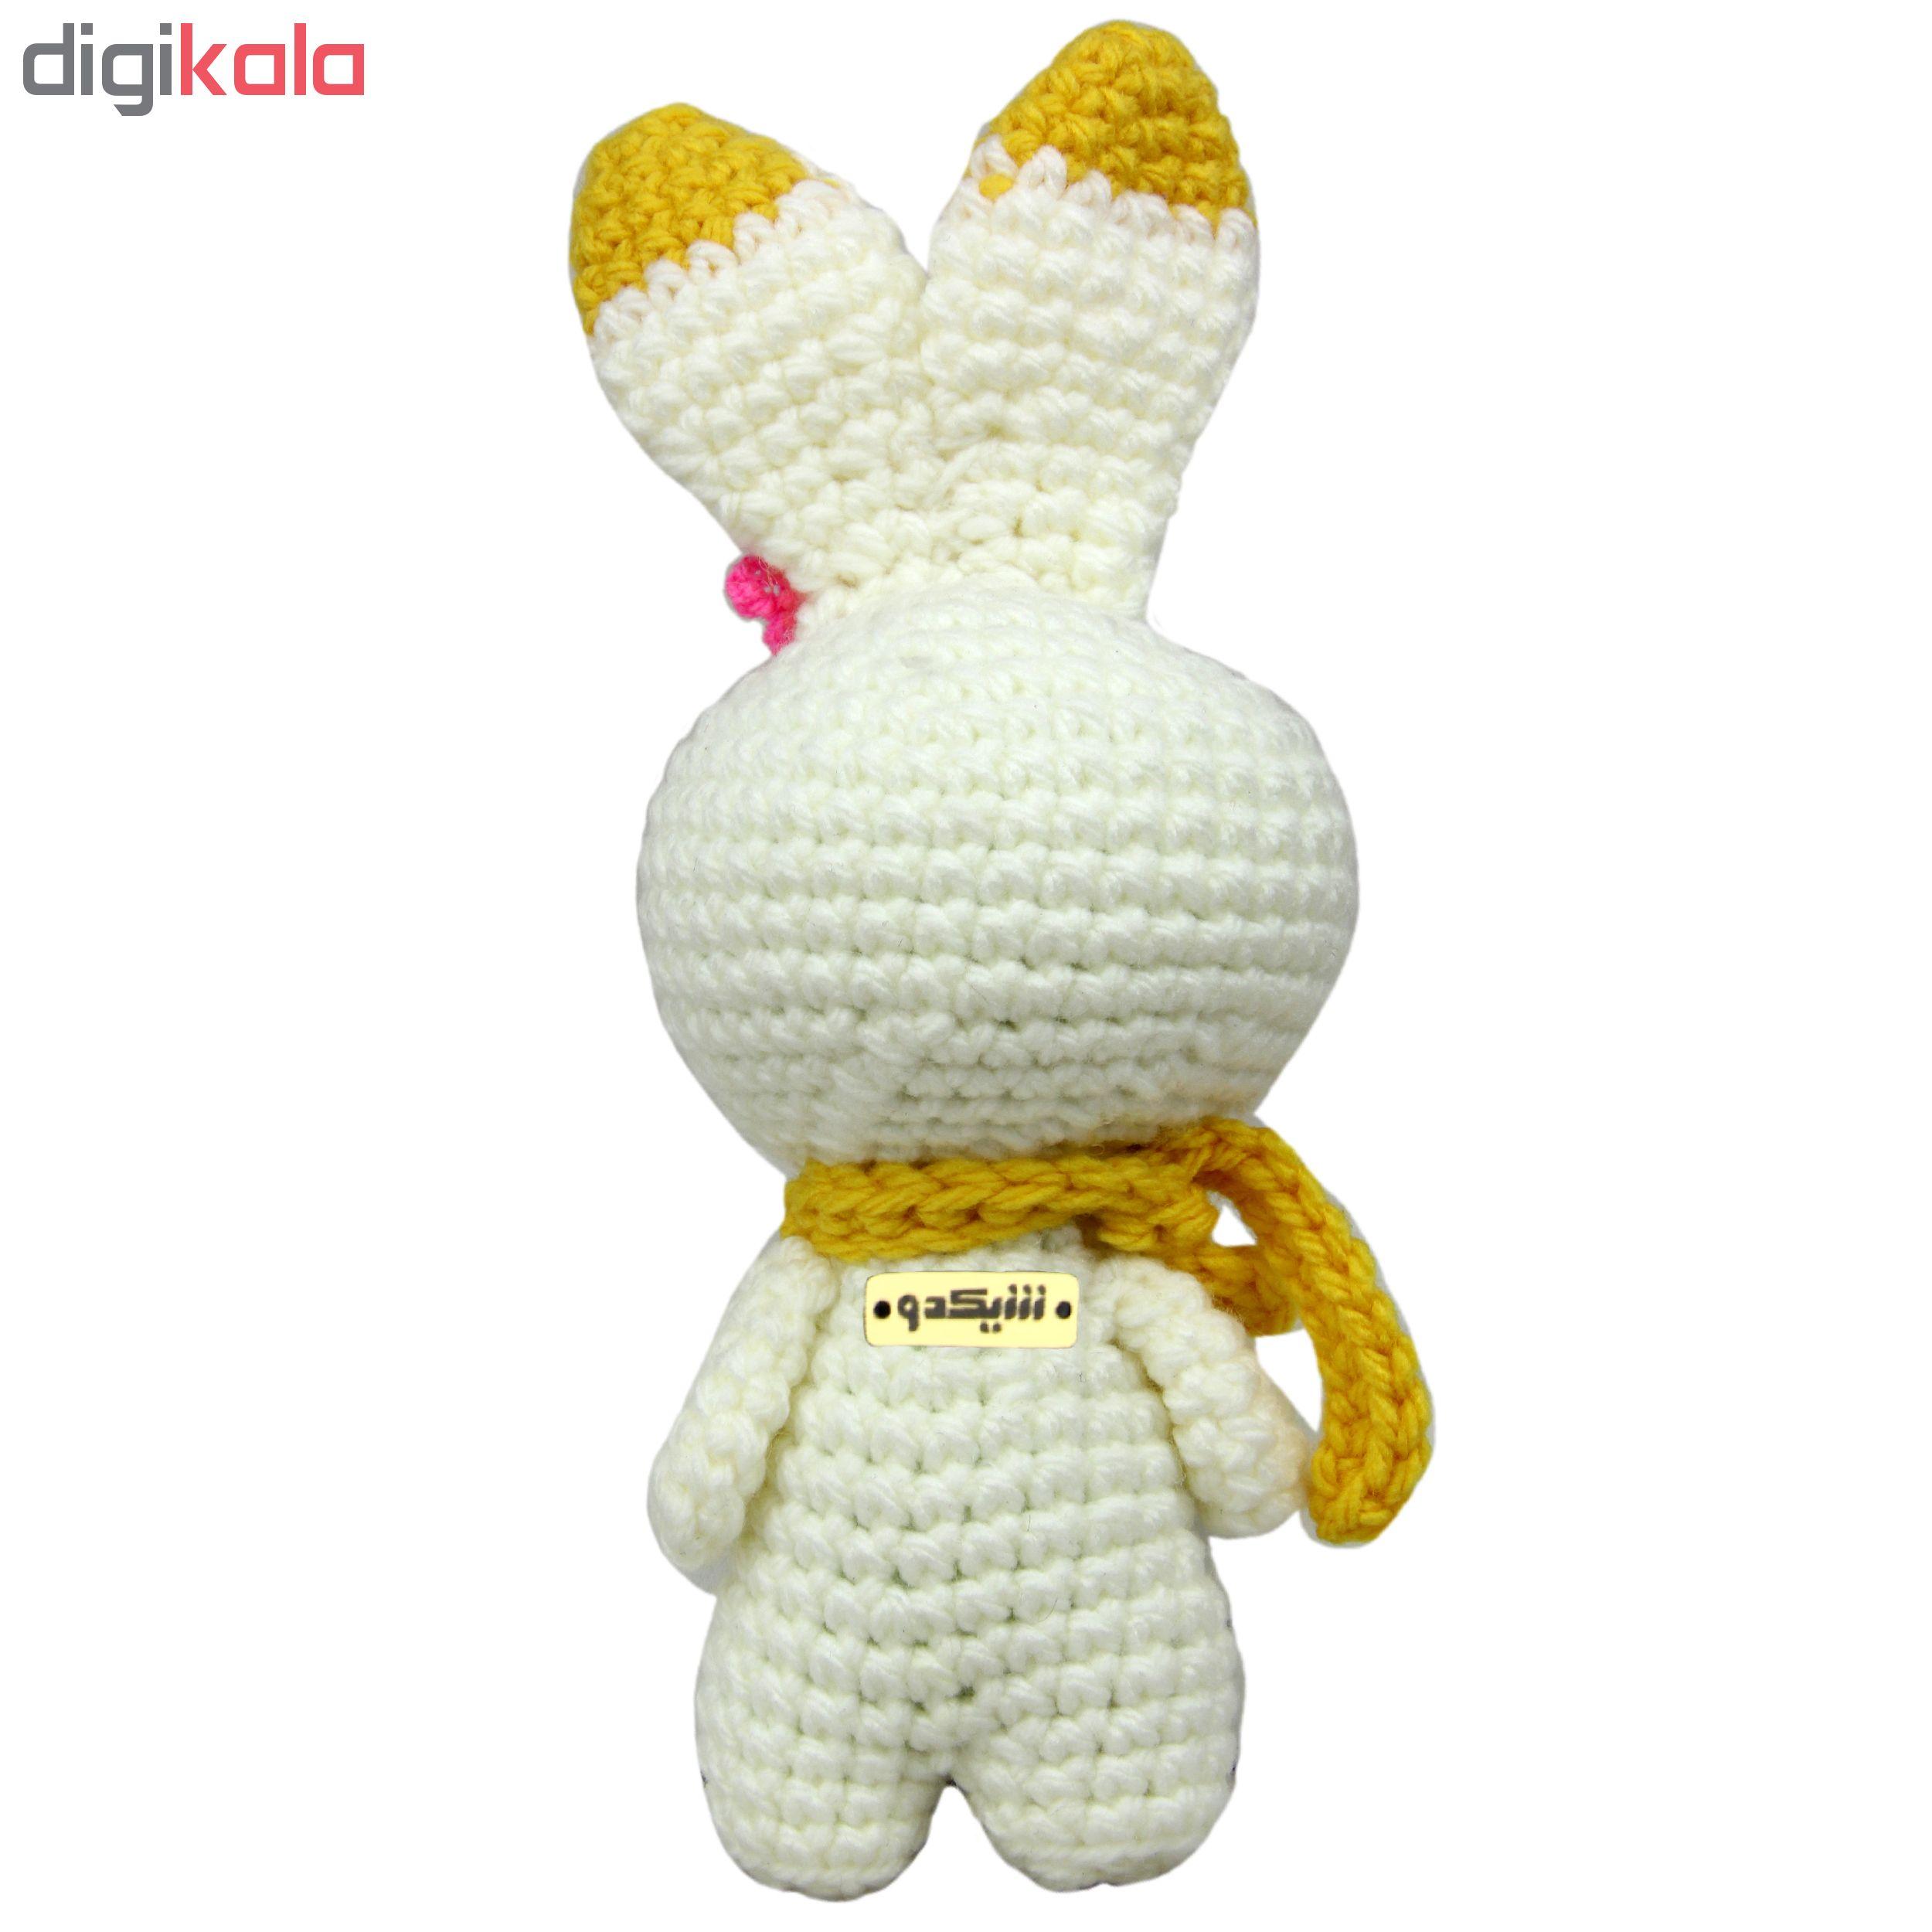 خرید                      عروسک بافتنی شیکدو مدل ty30 ارتفاع 22 سانتیمتر